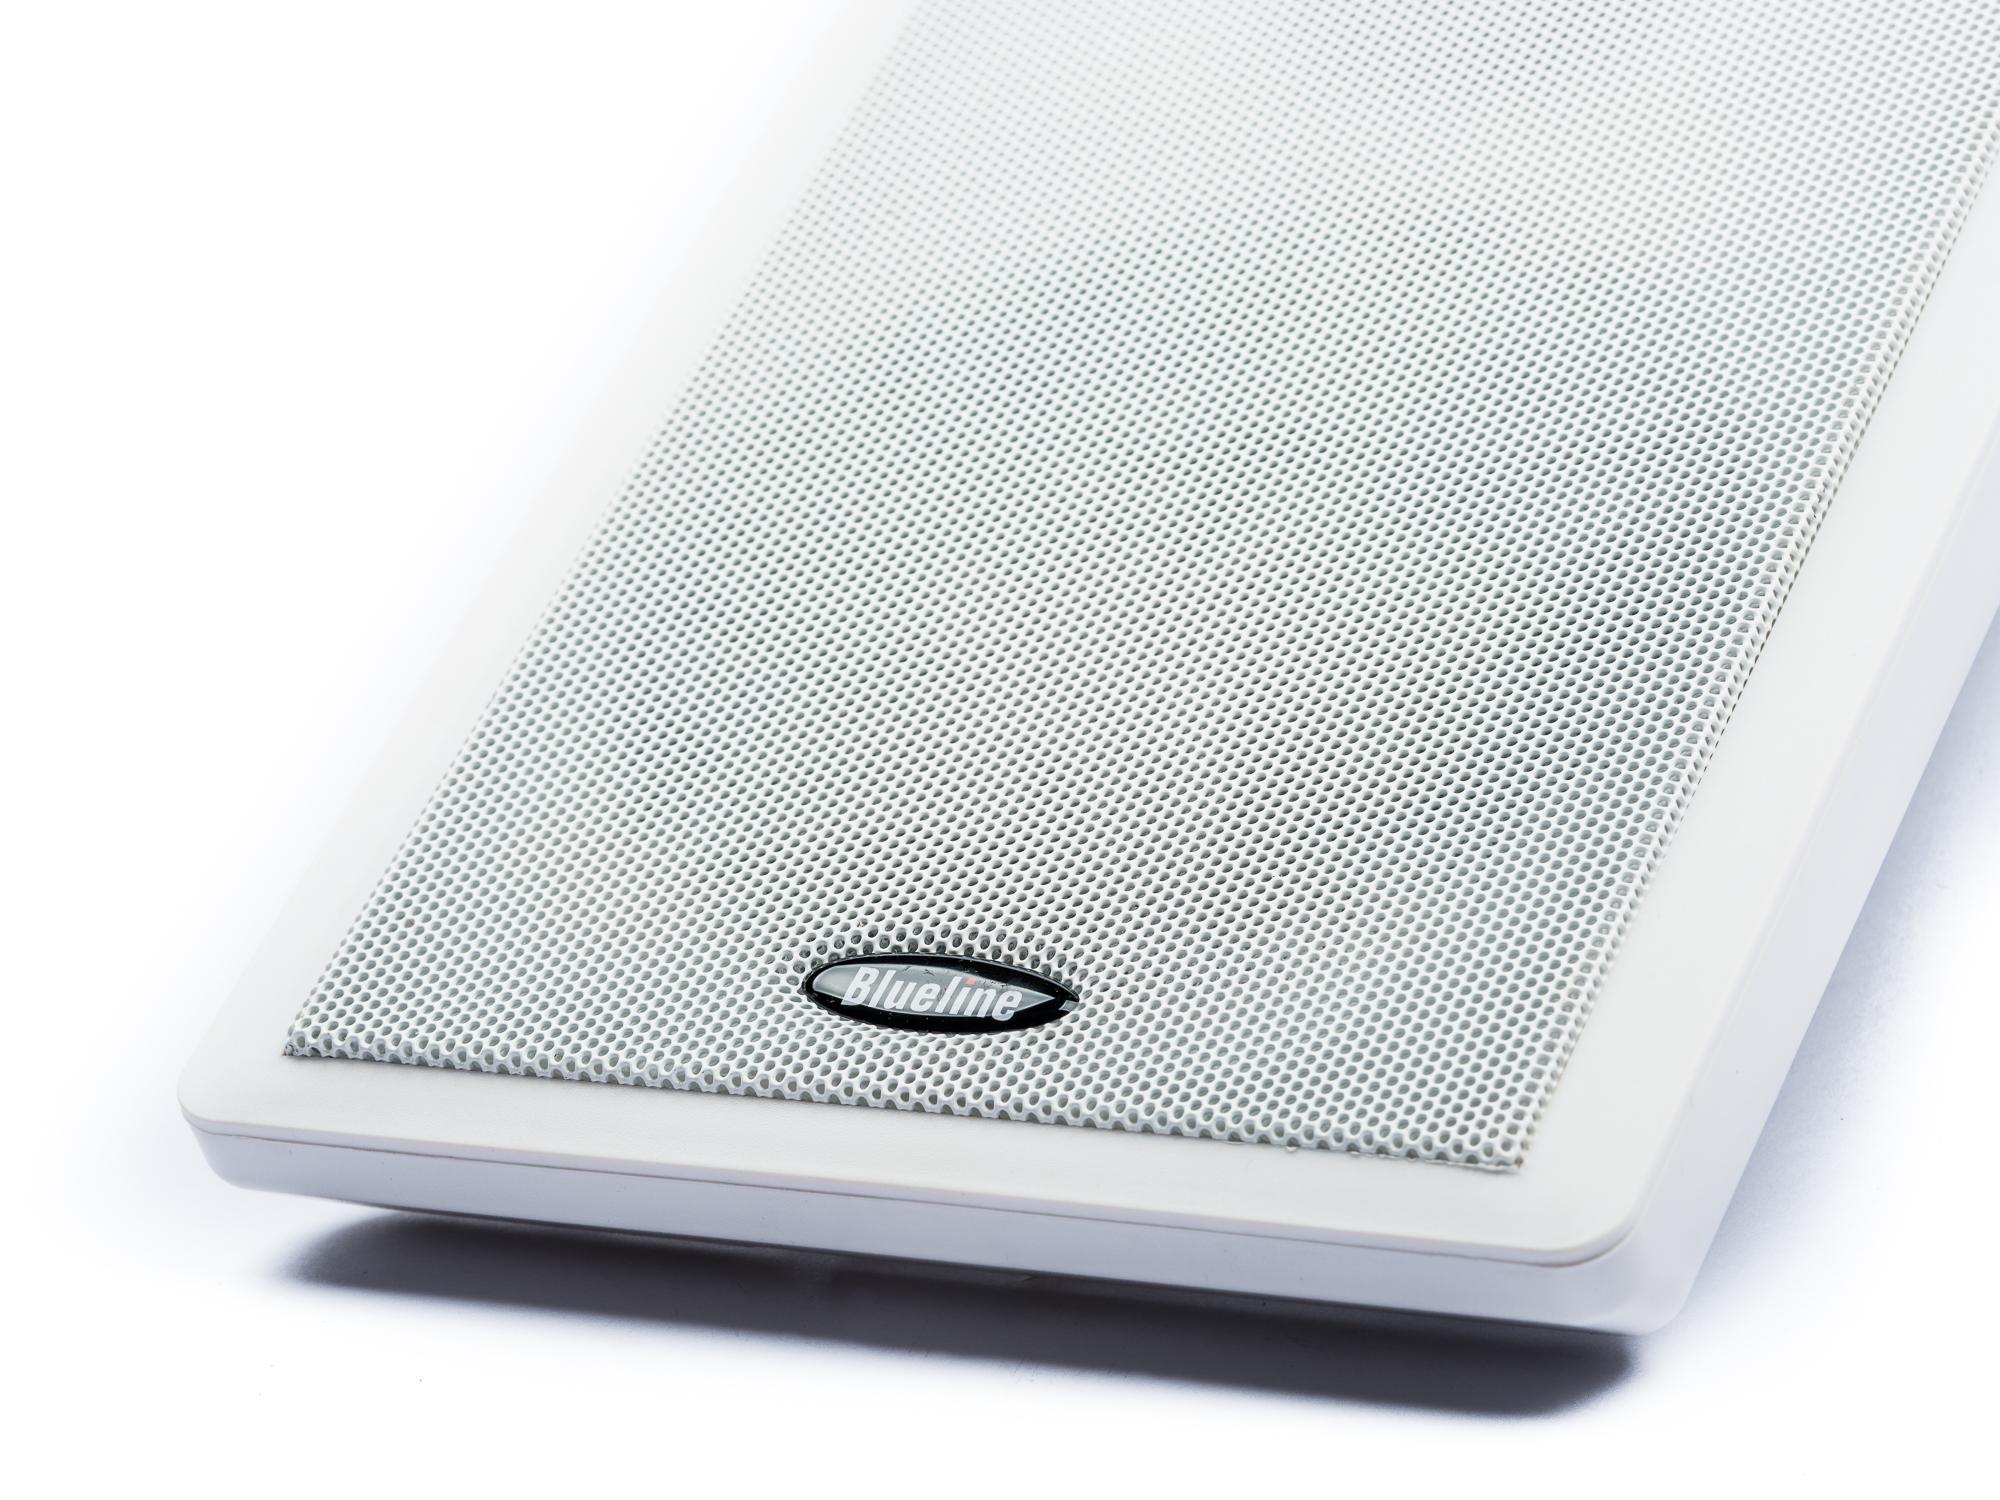 blueline flachlautsprecher f r dolby atmos 2 wege 40 watt paar wei ebay. Black Bedroom Furniture Sets. Home Design Ideas